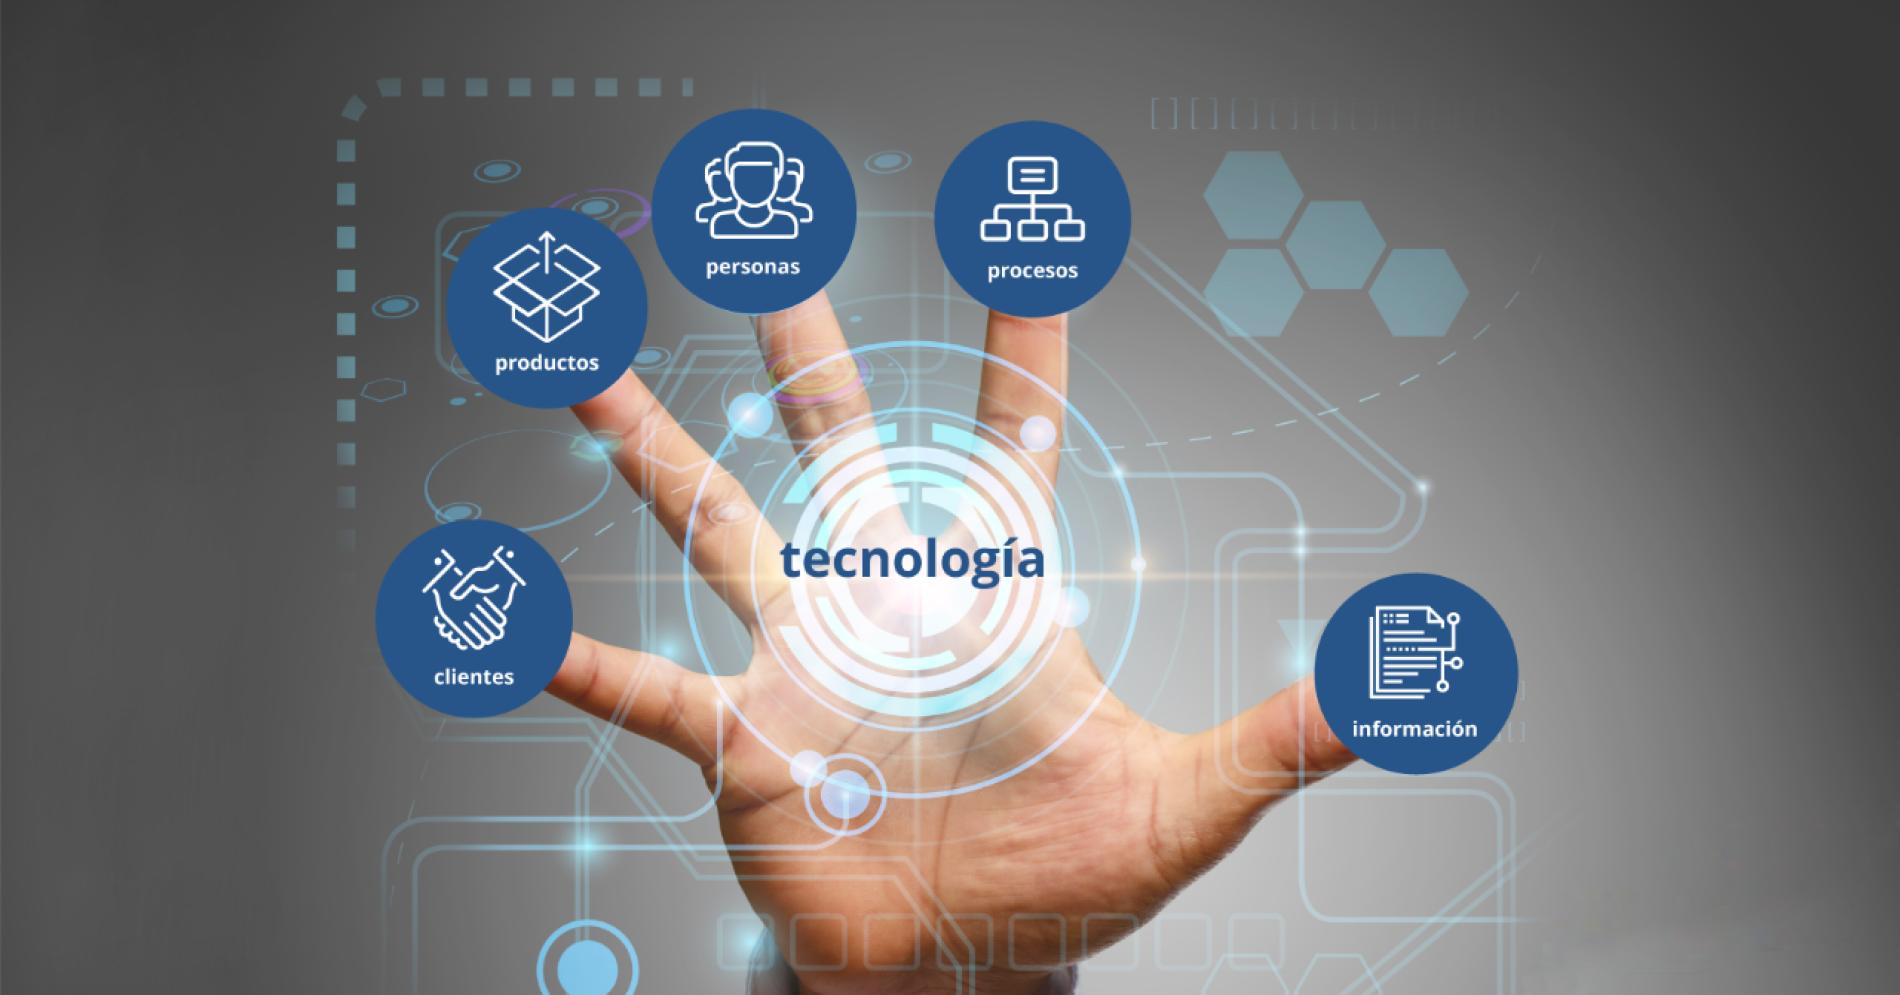 Reflejo de las distintas áreas a las que implica la digitalización en las organizaciones